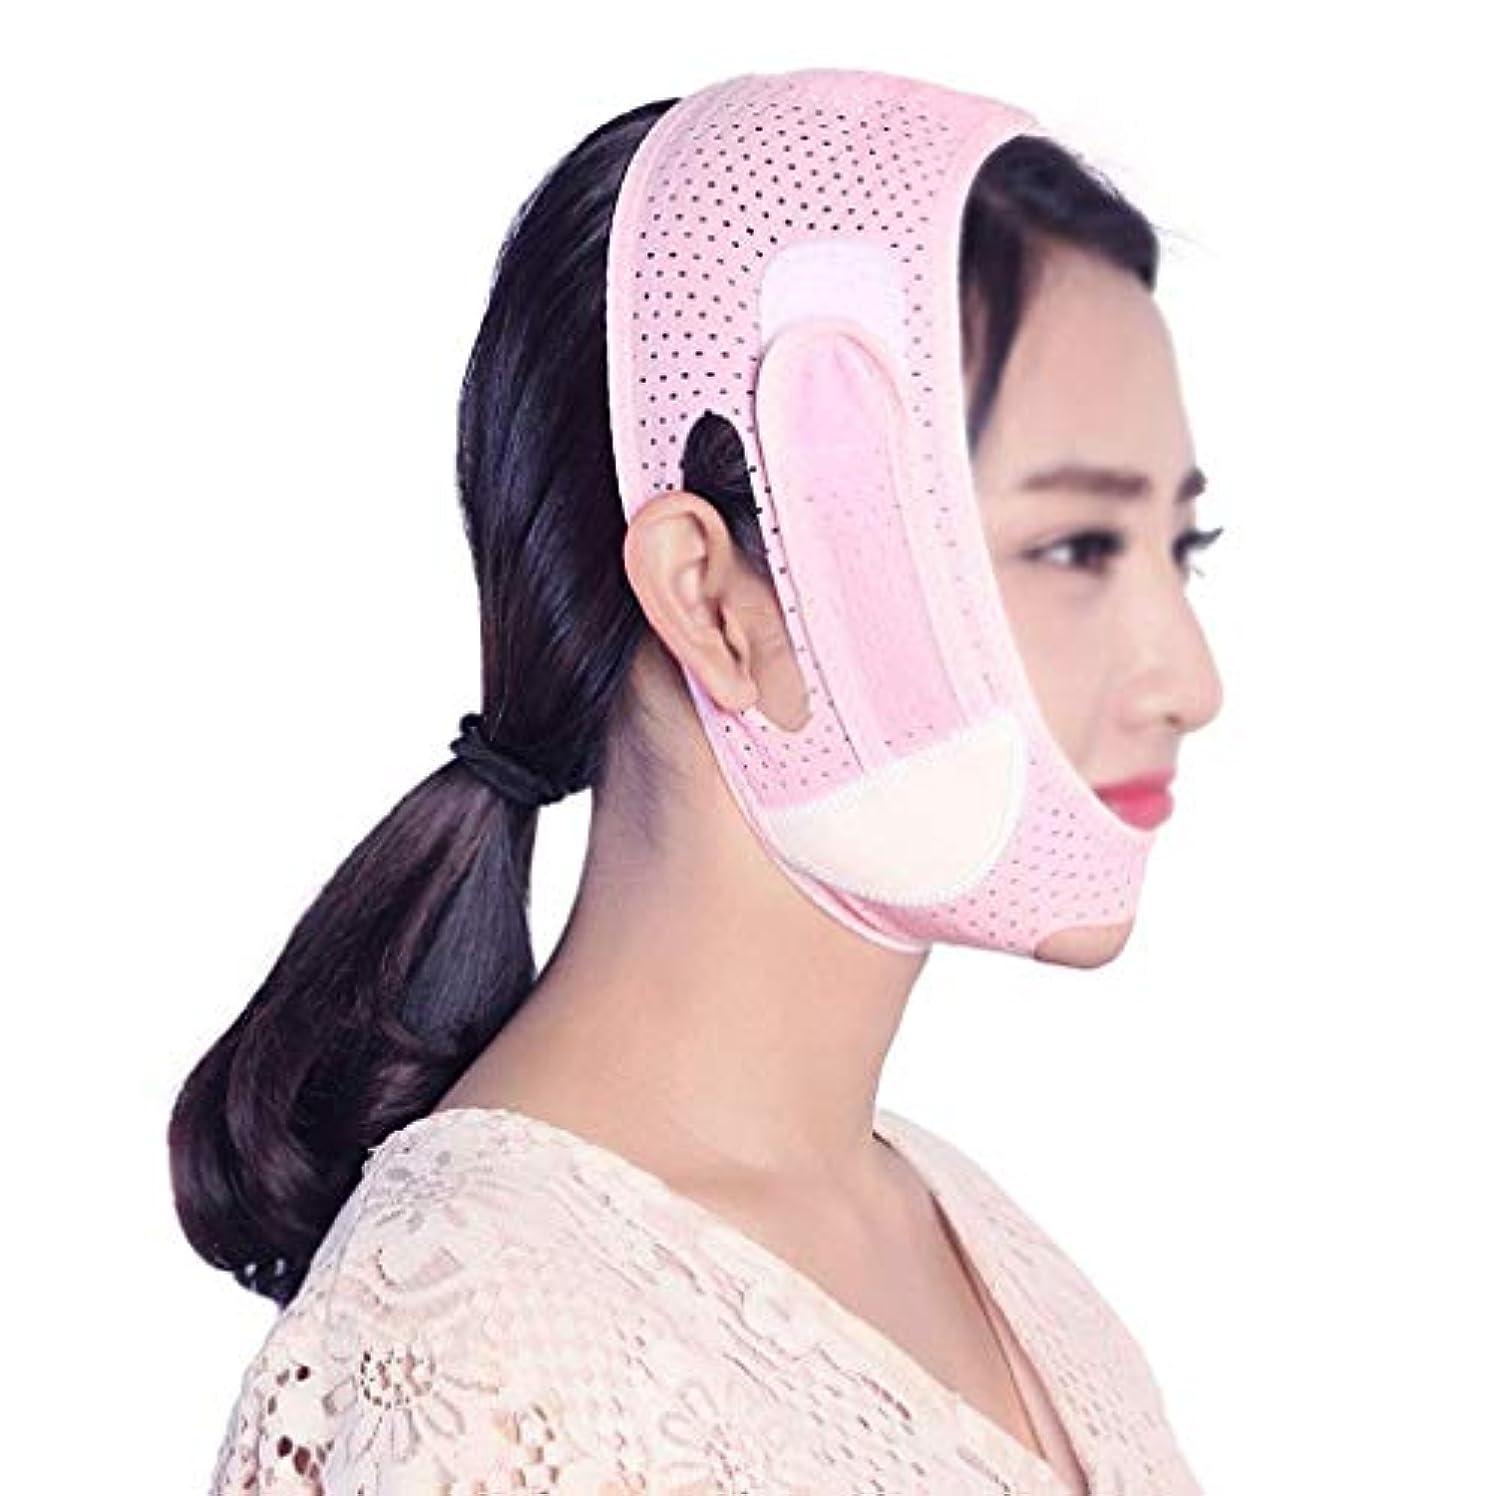 近所のすき取得するフェイスリフトマスク、スモールVフェイスバンデージシェーピングマスクリフトフェイスファーミングアーティファクトによるダブルチンの削減